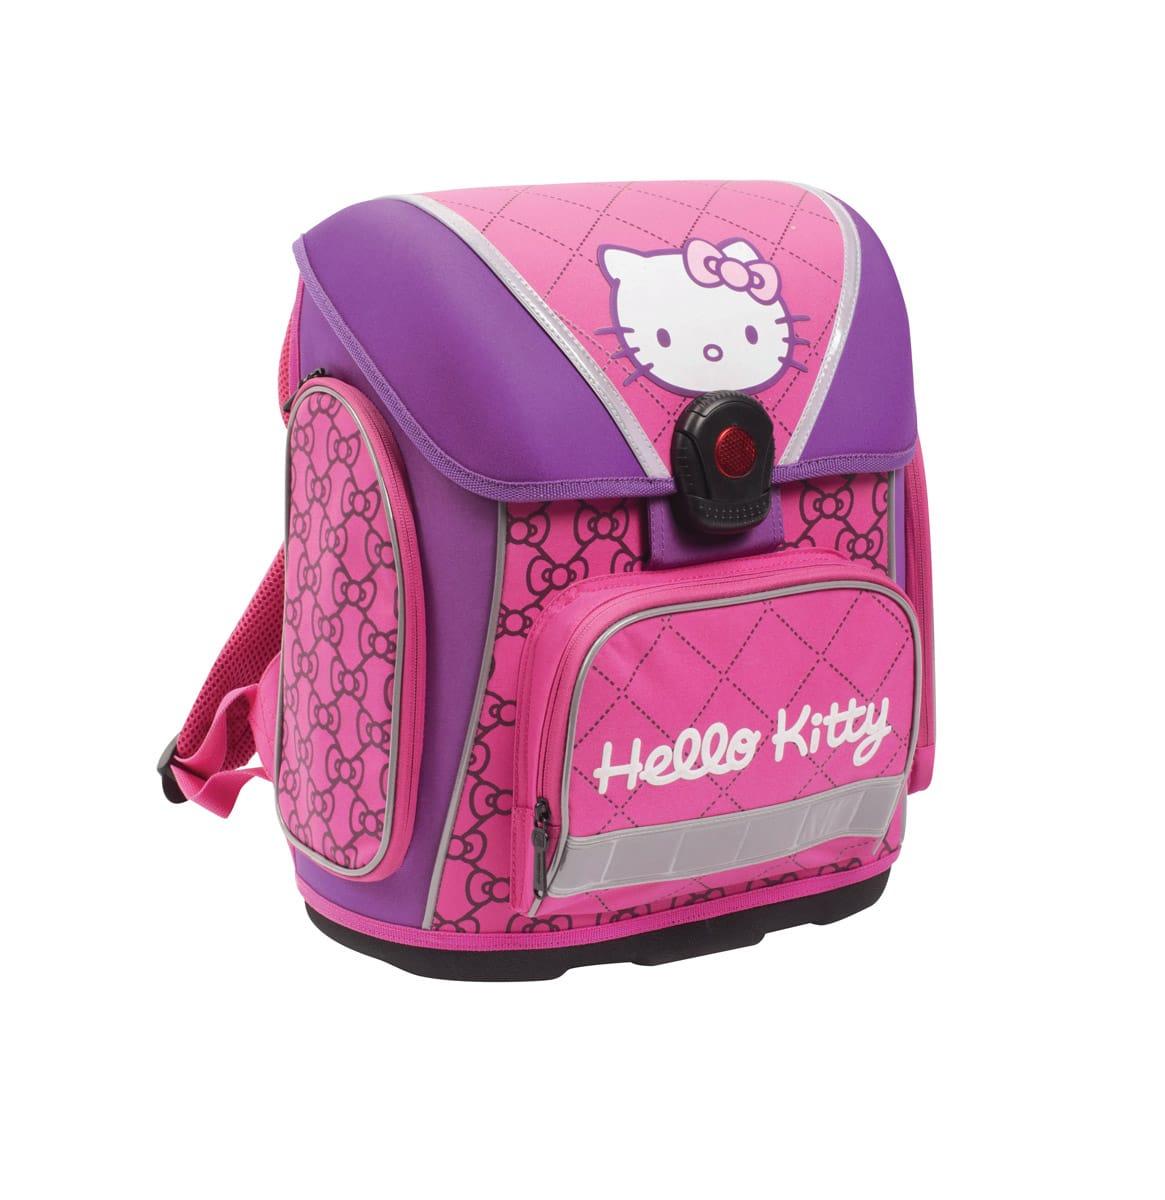 Anatomical backpack PREMIUM Hello Kitty KIDS - Školní potřeby ... 7ed7a11b98